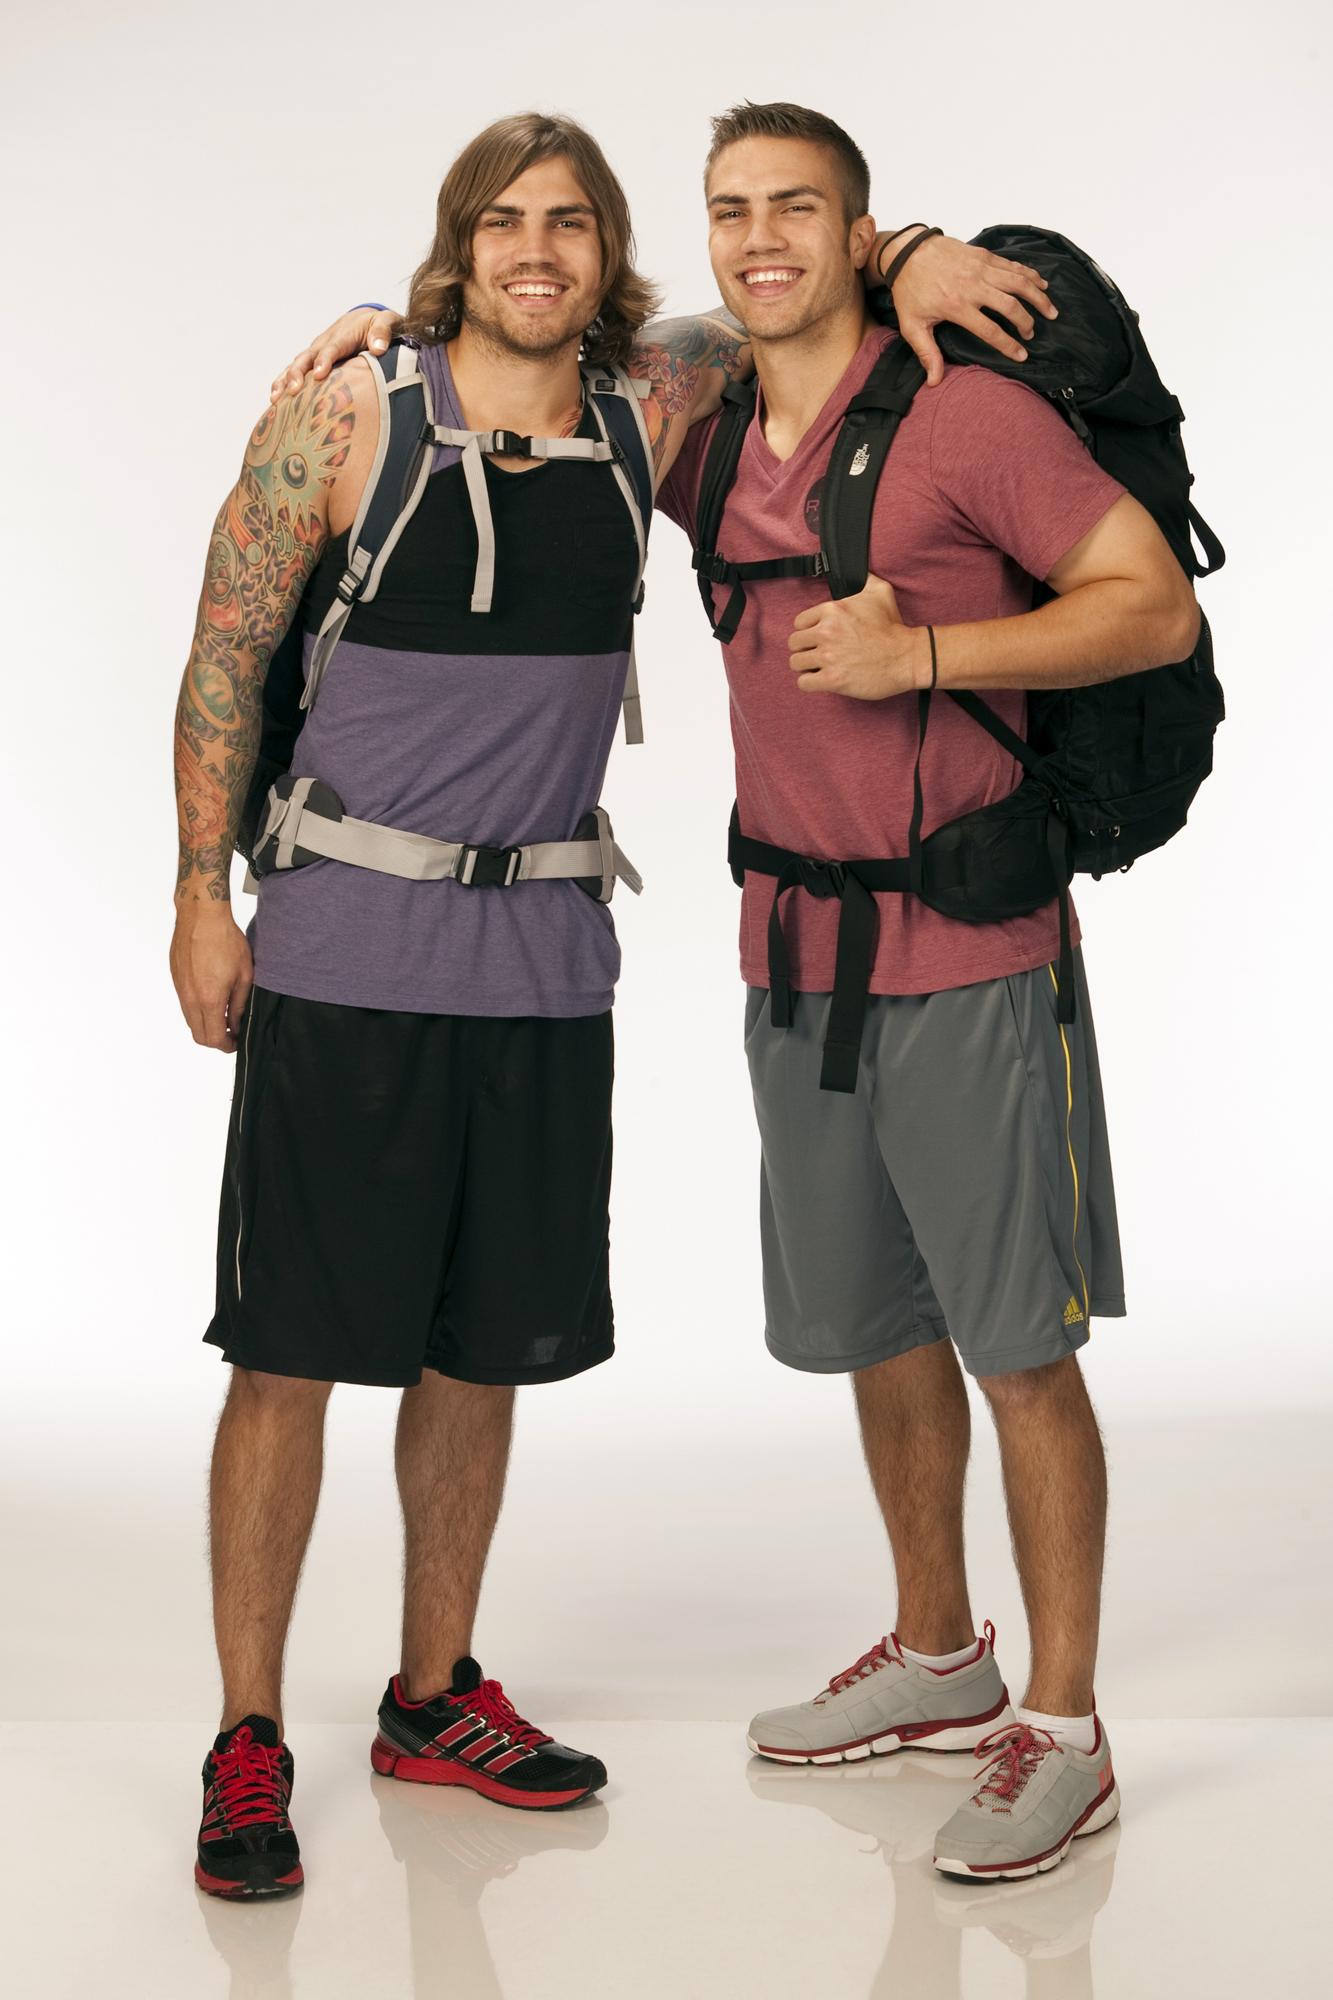 Elliot and Andrew